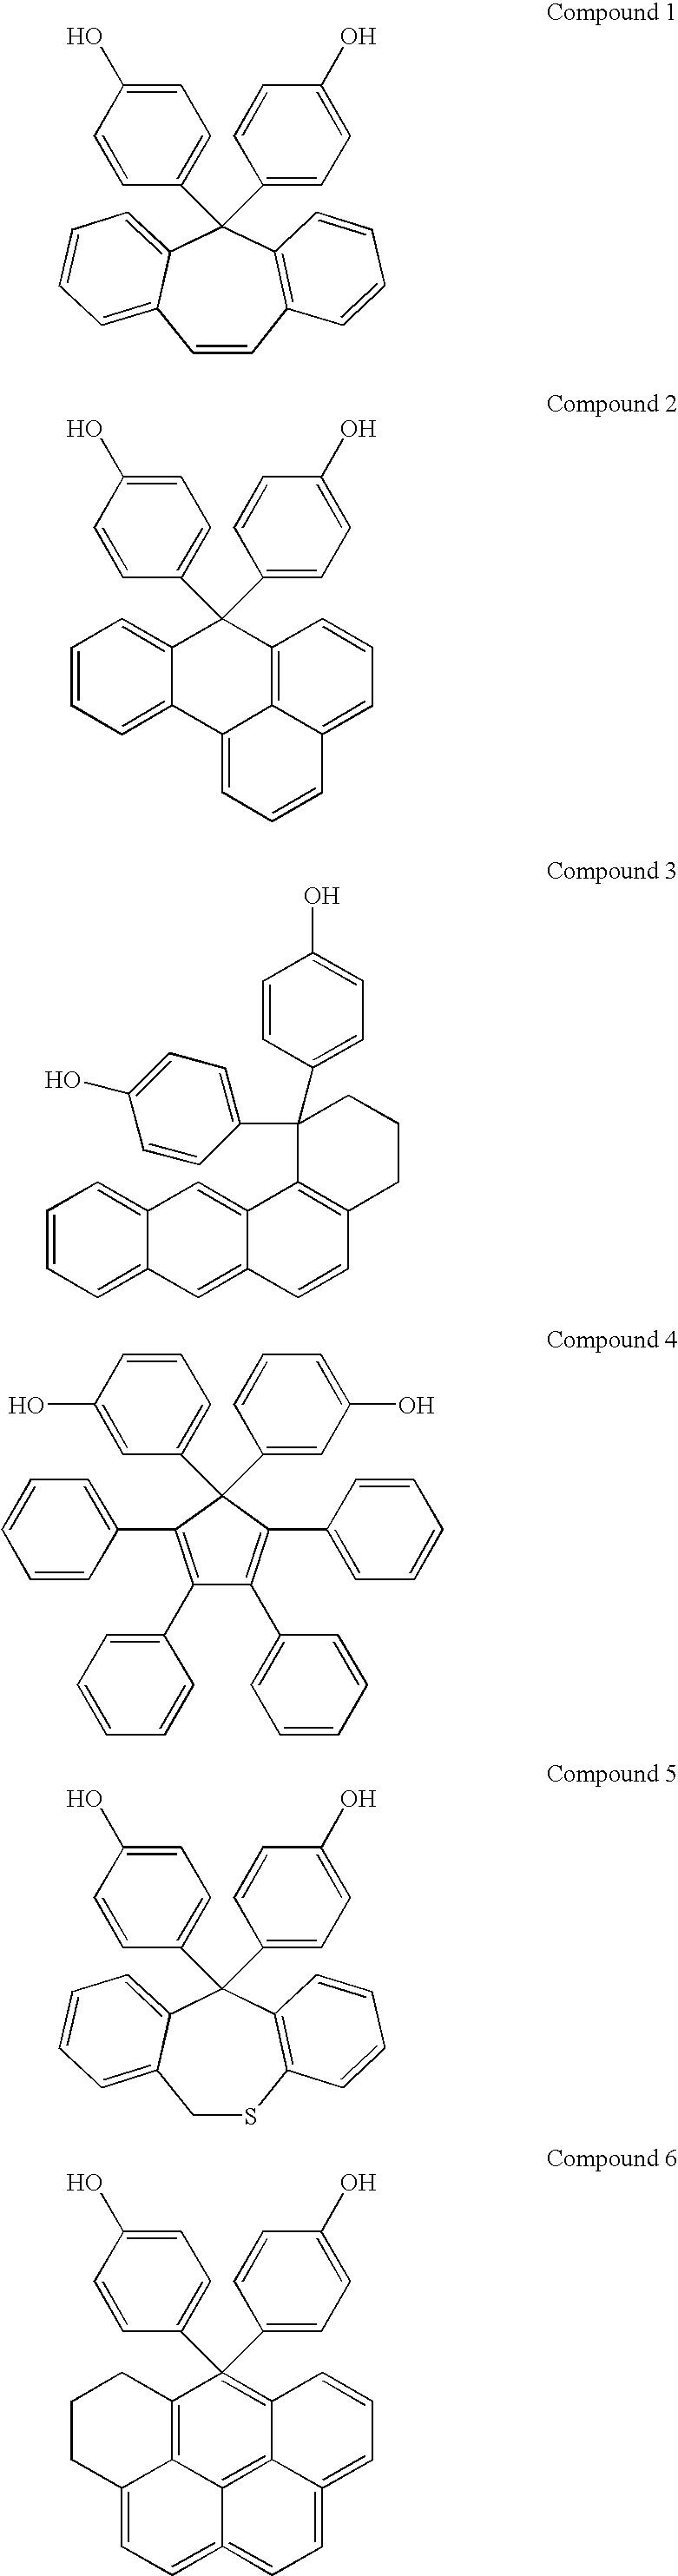 Figure US07358025-20080415-C00022